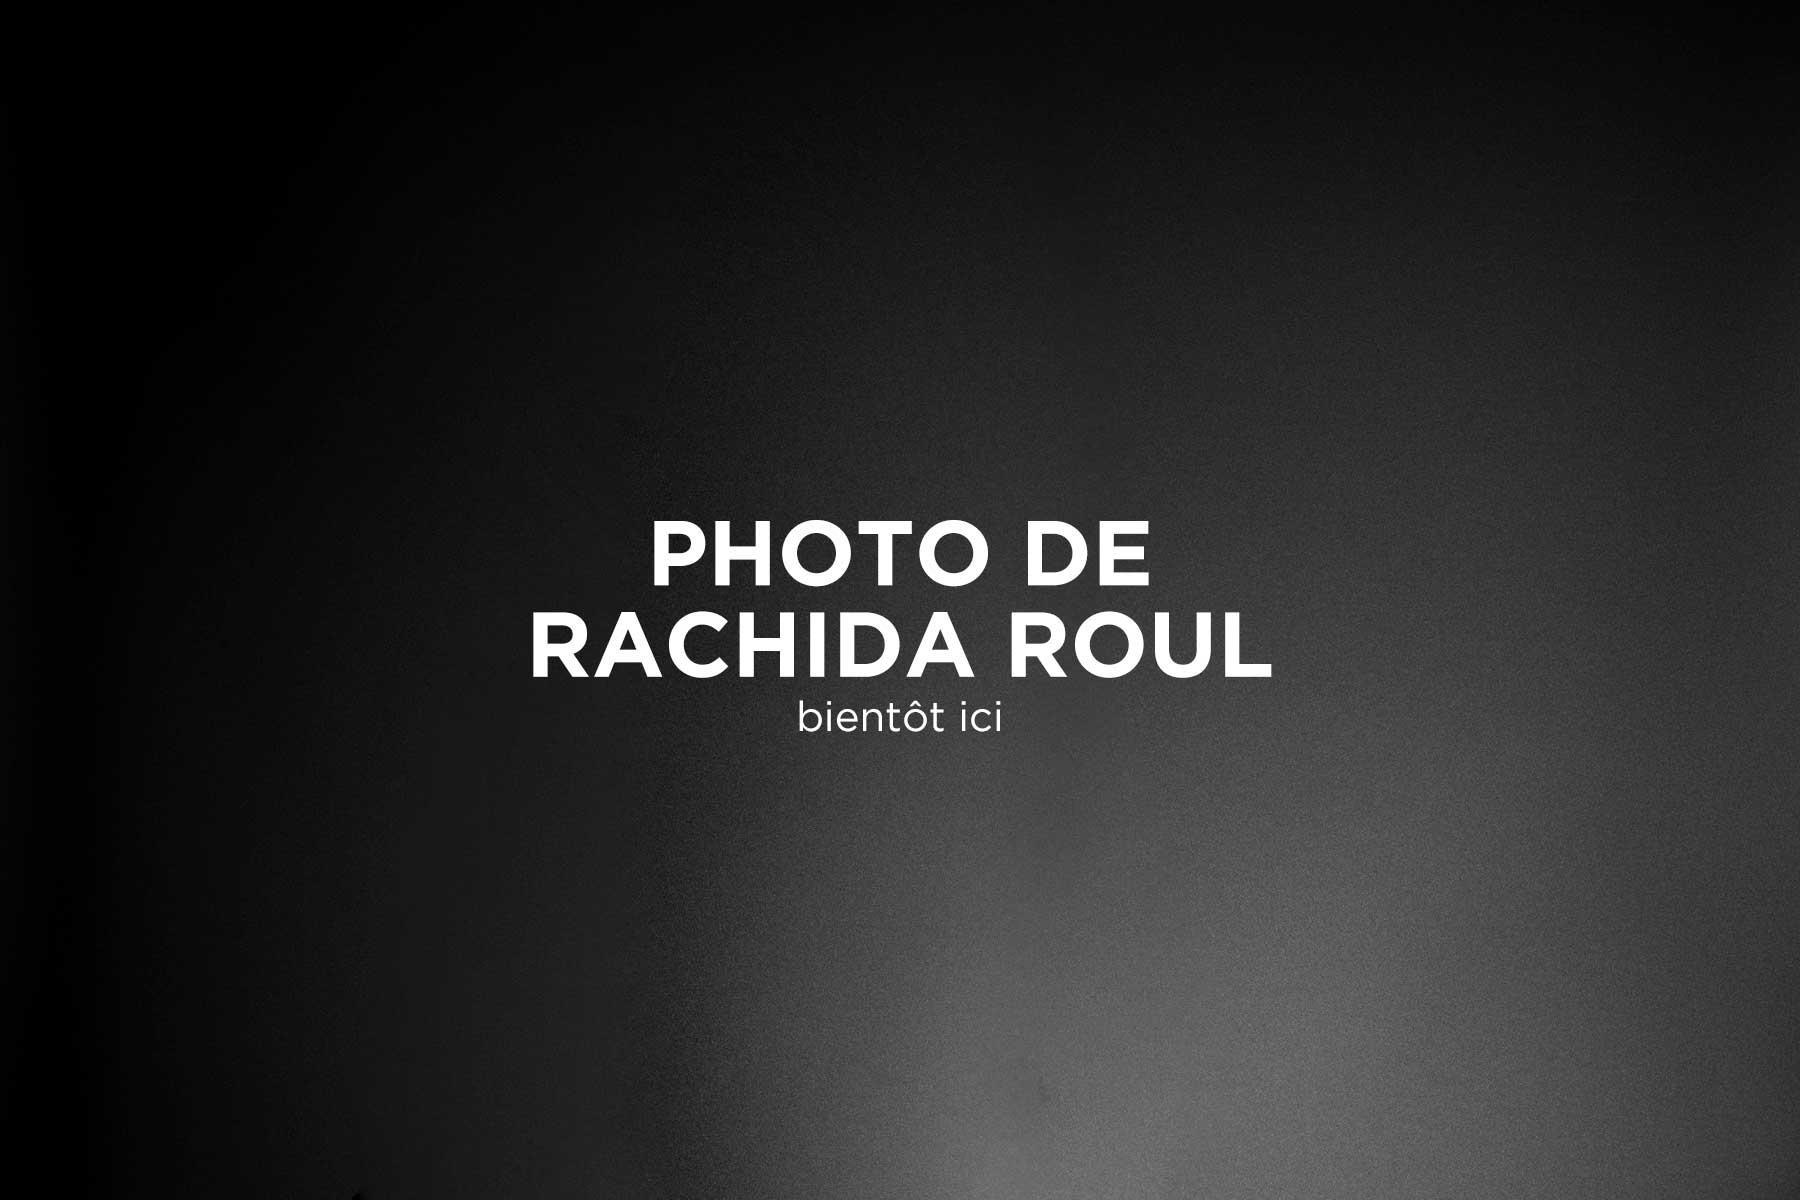 Rachida Roul